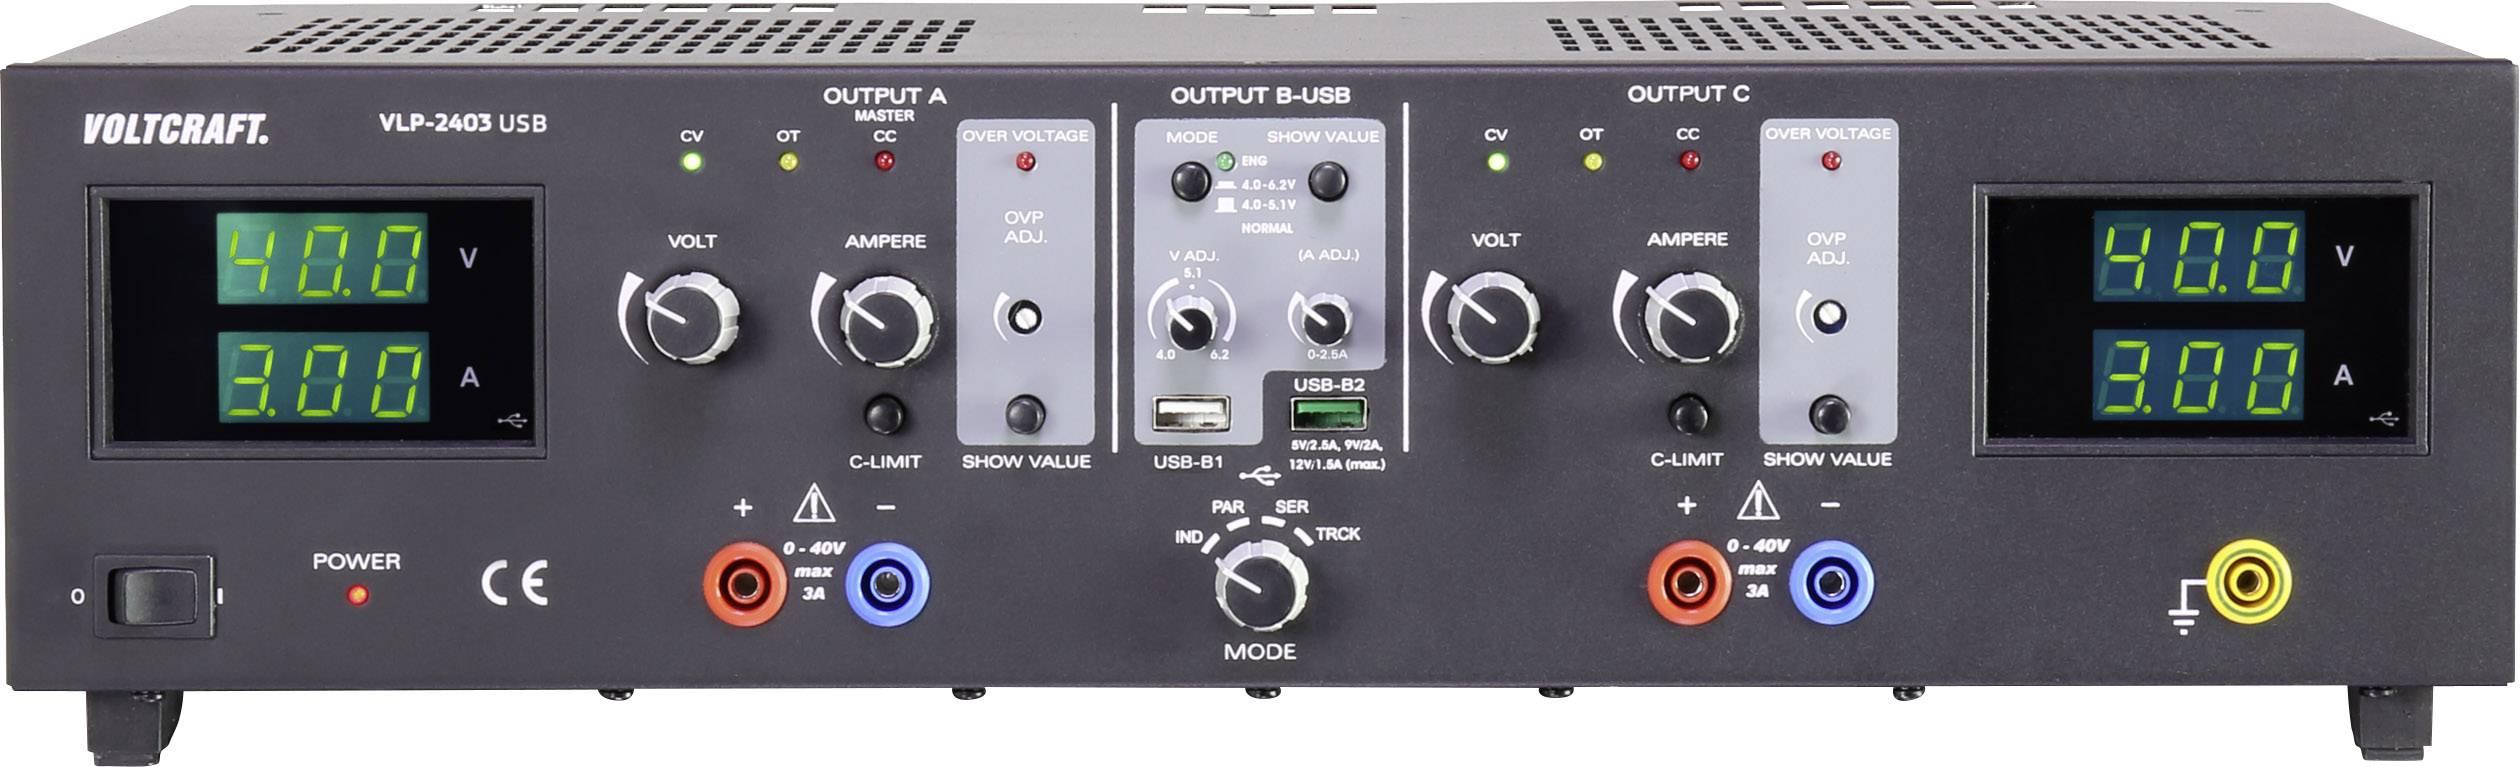 Laboratorní zdroj s nastavitelným napětím VOLTCRAFT VLP-2403 USB, 0 - 40 V, 0.01 - 3 A, 273 W